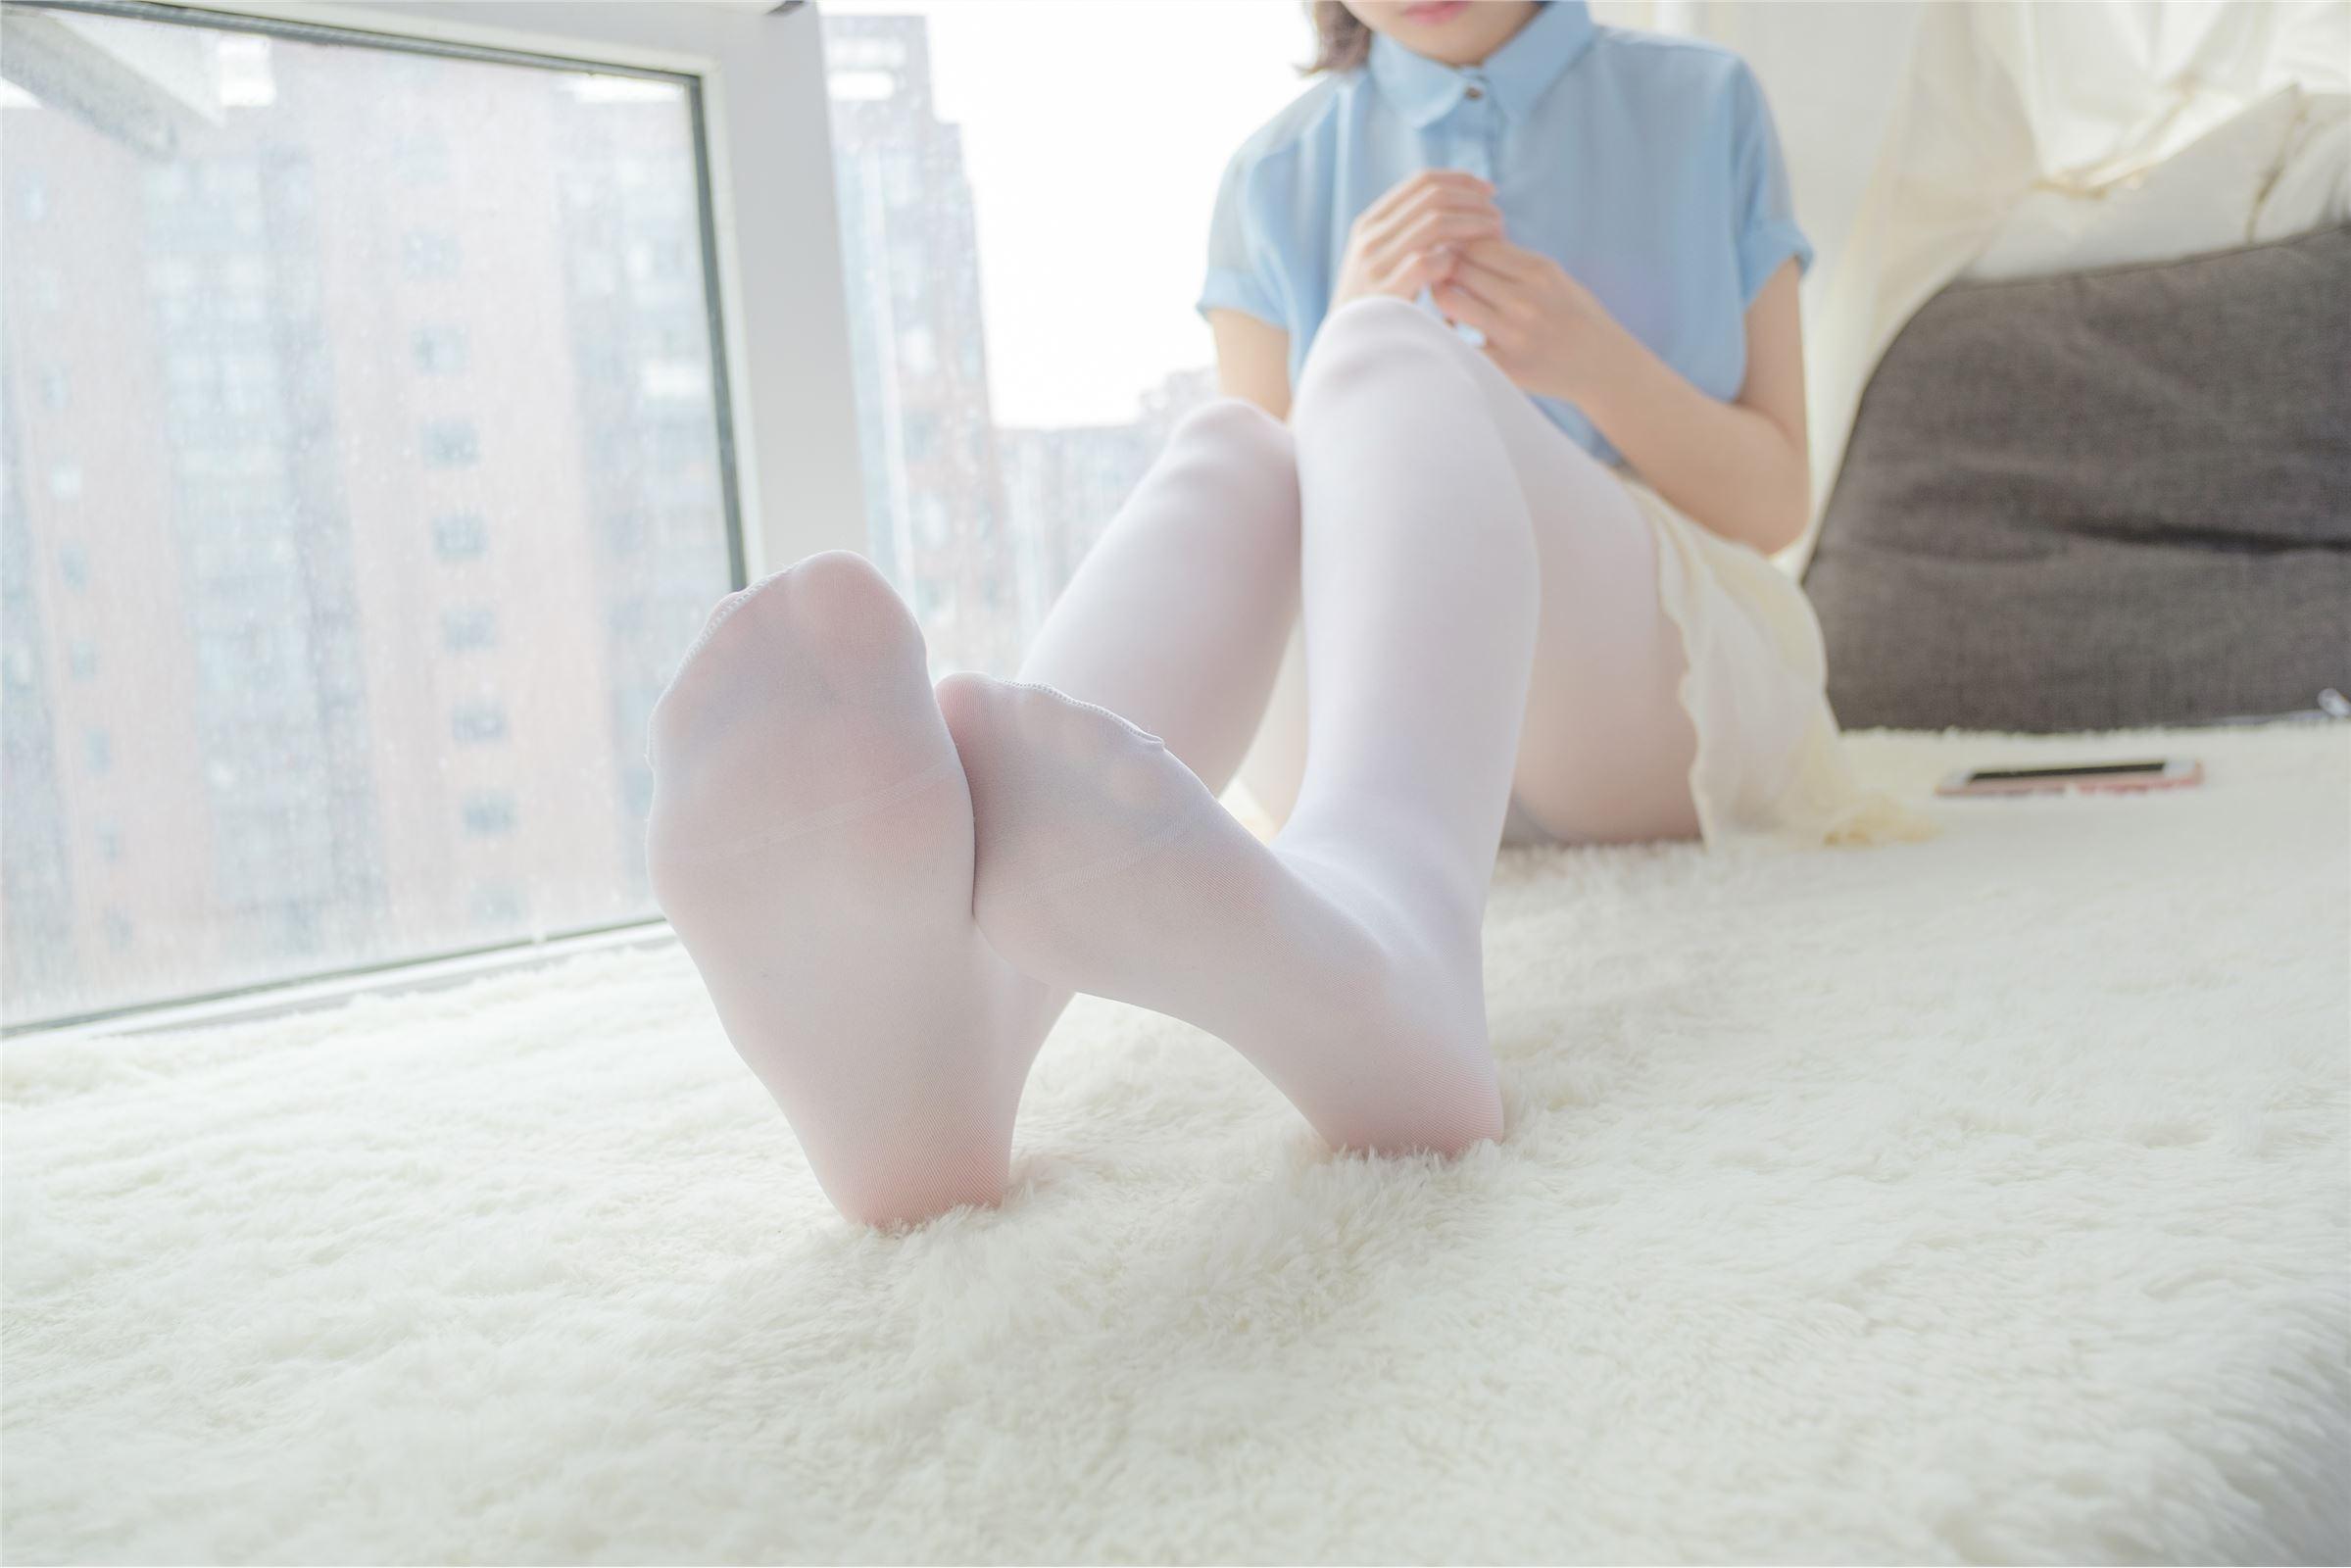 森萝财团 萝莉丝足写真 R15-007 窗台上的薄纱少女